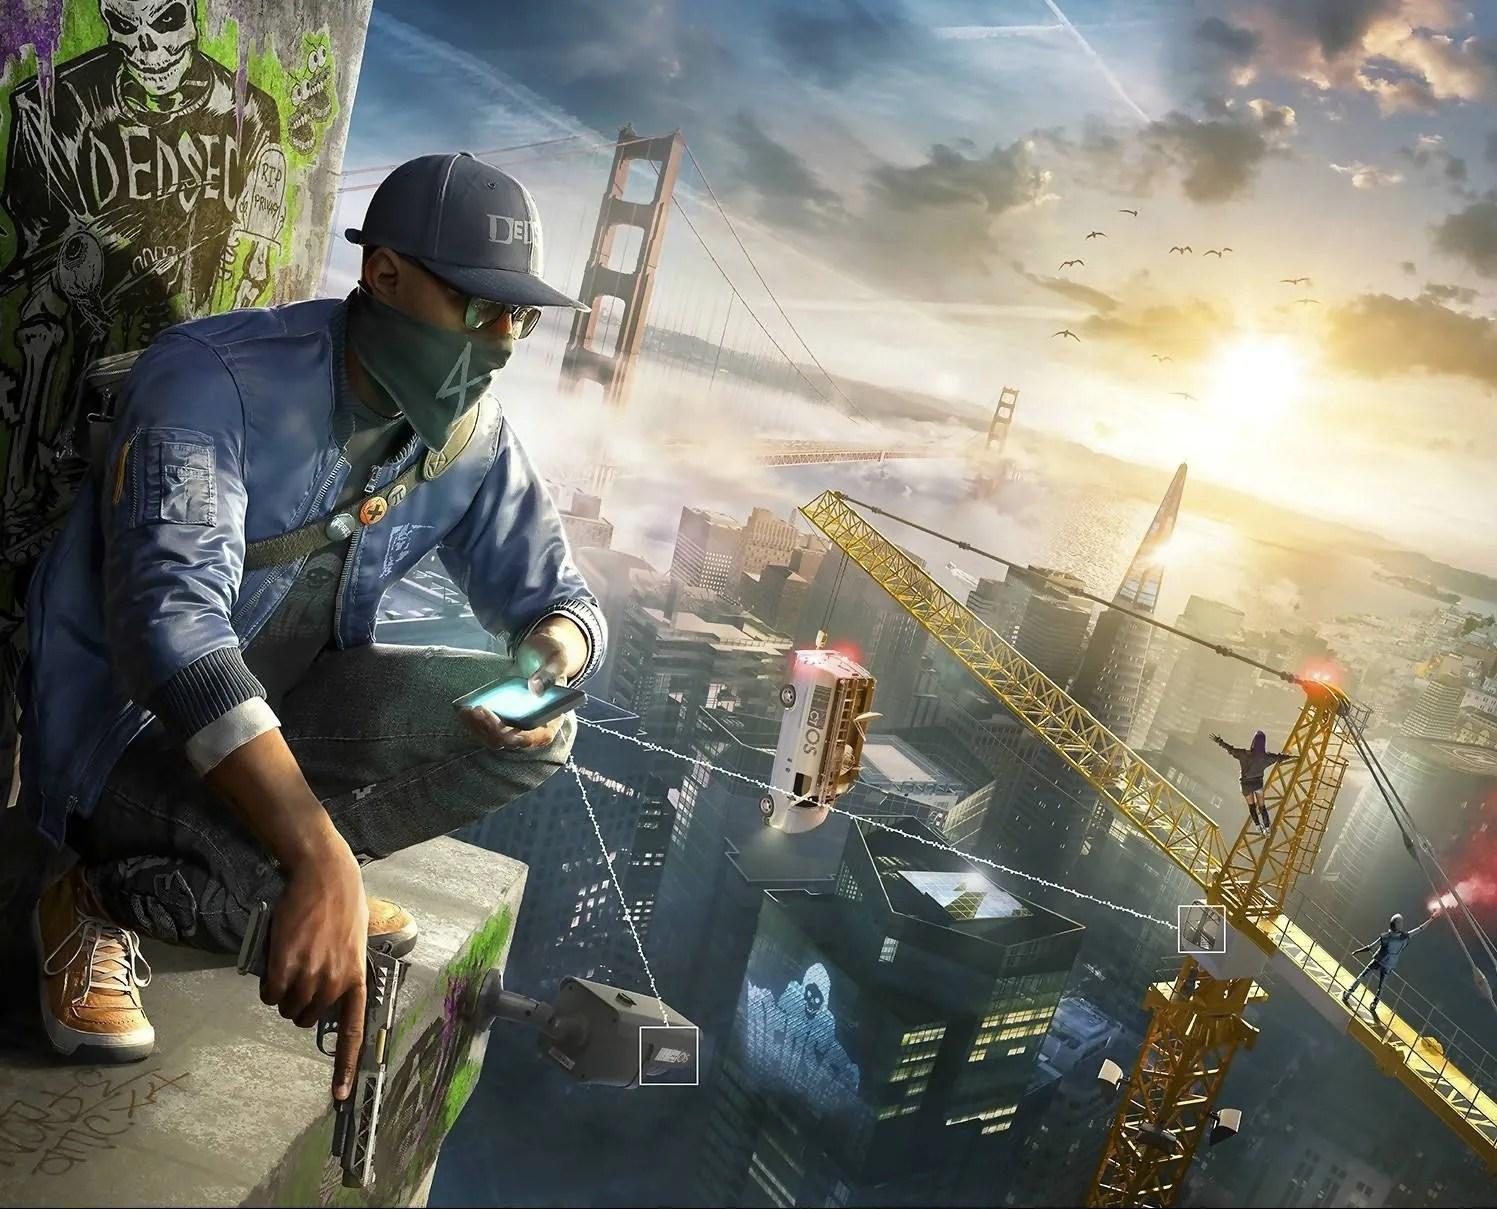 Watch Dogs 2 Anlisis En Progreso Del Sandbox Hacker De Ubisoft HobbyConsolas Juegos